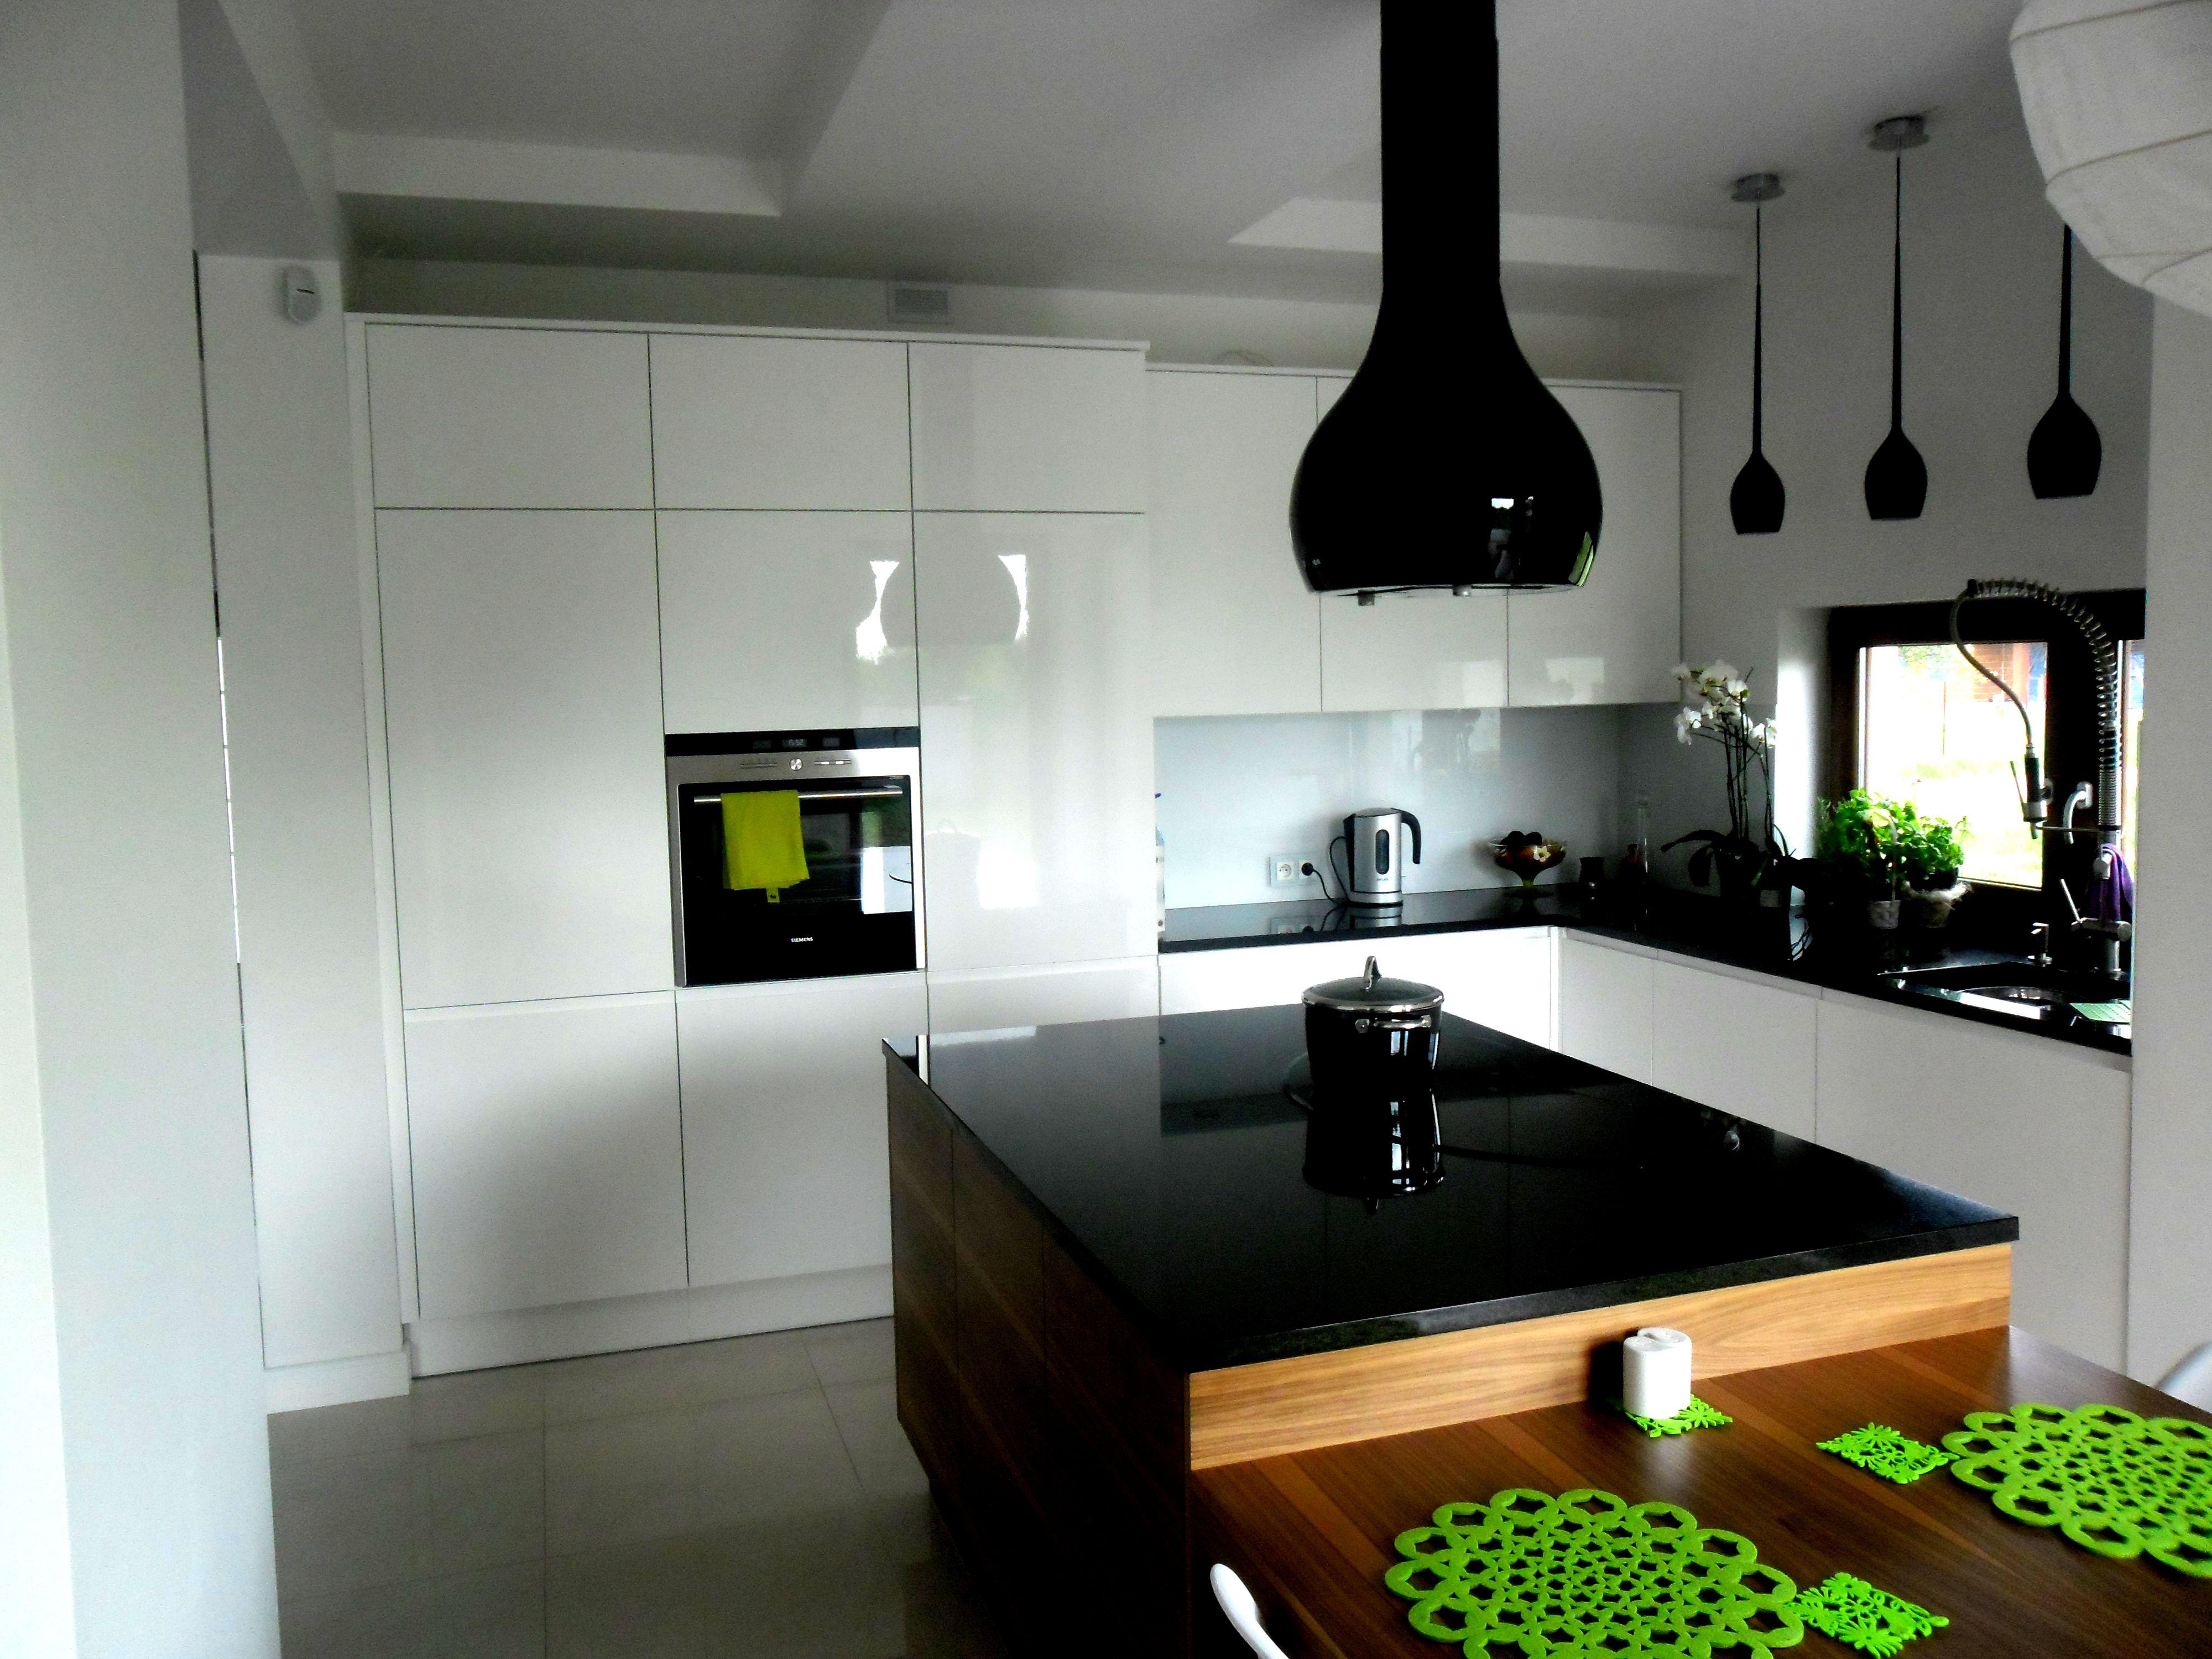 Piekna Nowoczesna Kuchnia Choc To Designerski Okap Powinien Skupic Najwiecej Kitchen Home Decor Furniture